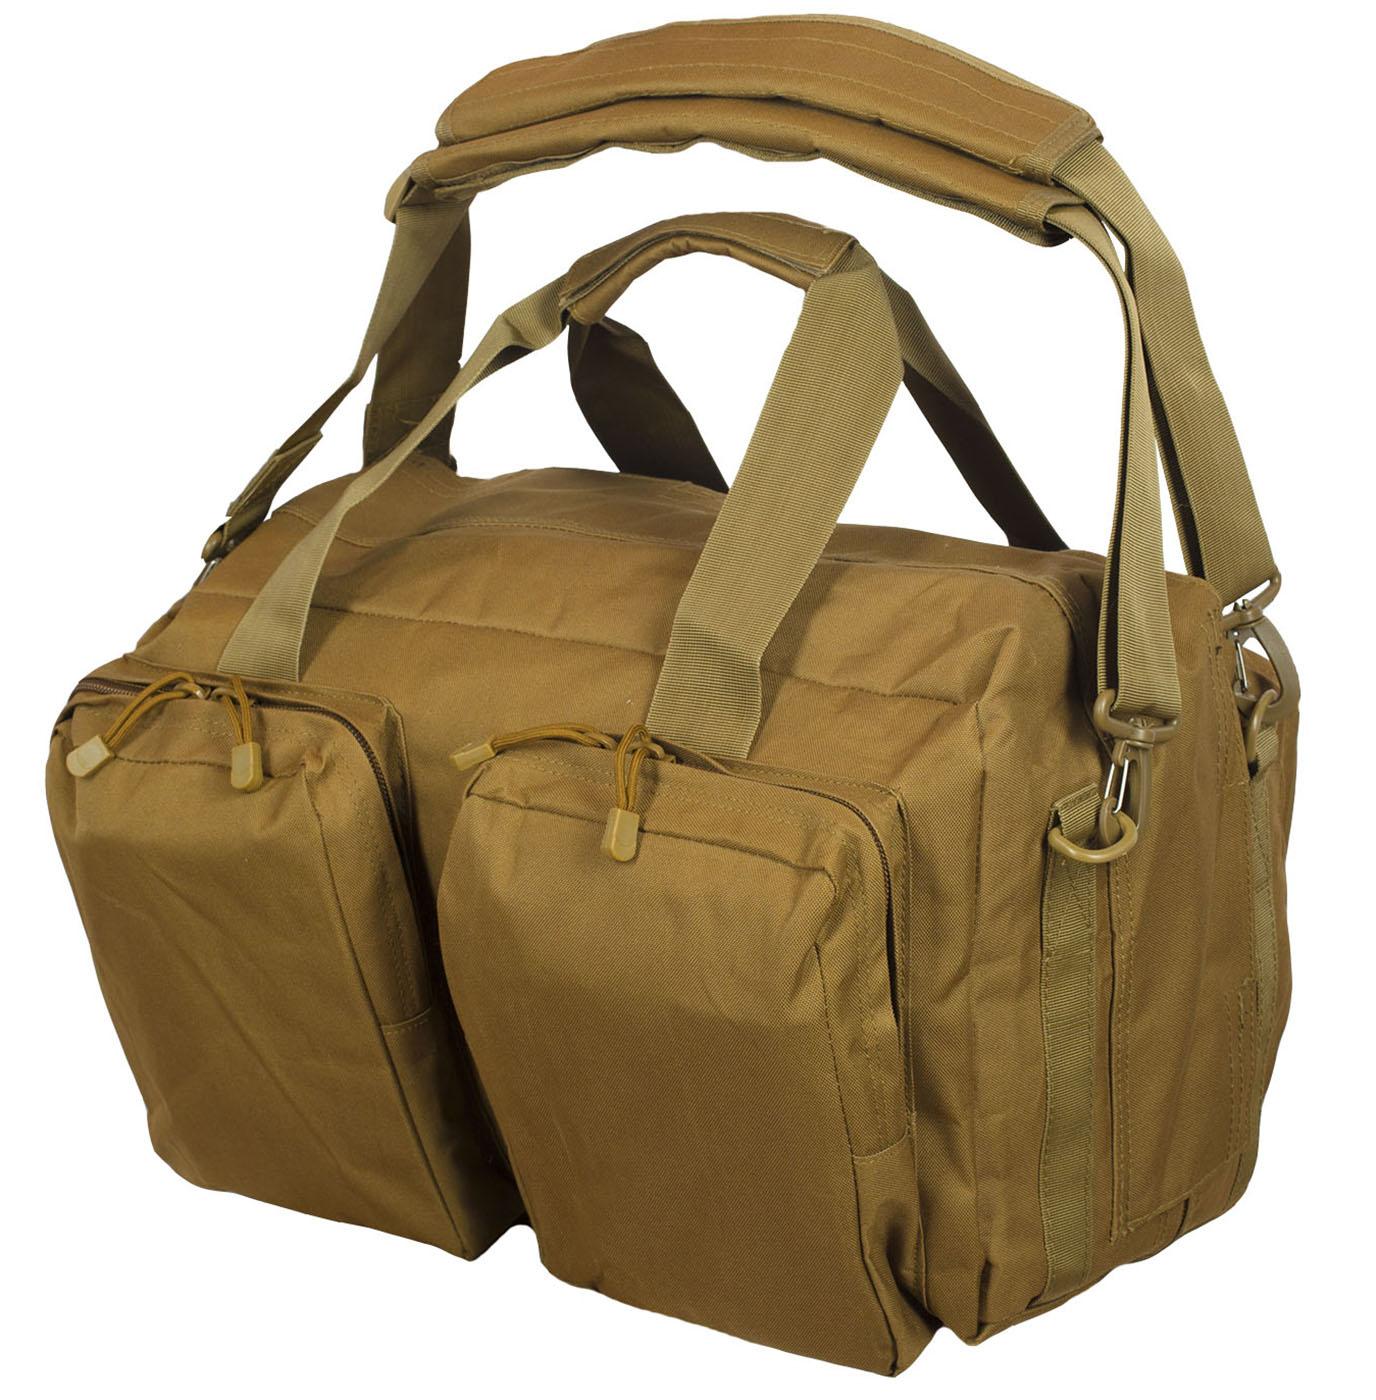 Заплечная сумка-рюкзак с нашивкой Эх, хвост, чешуя - купить в подарок